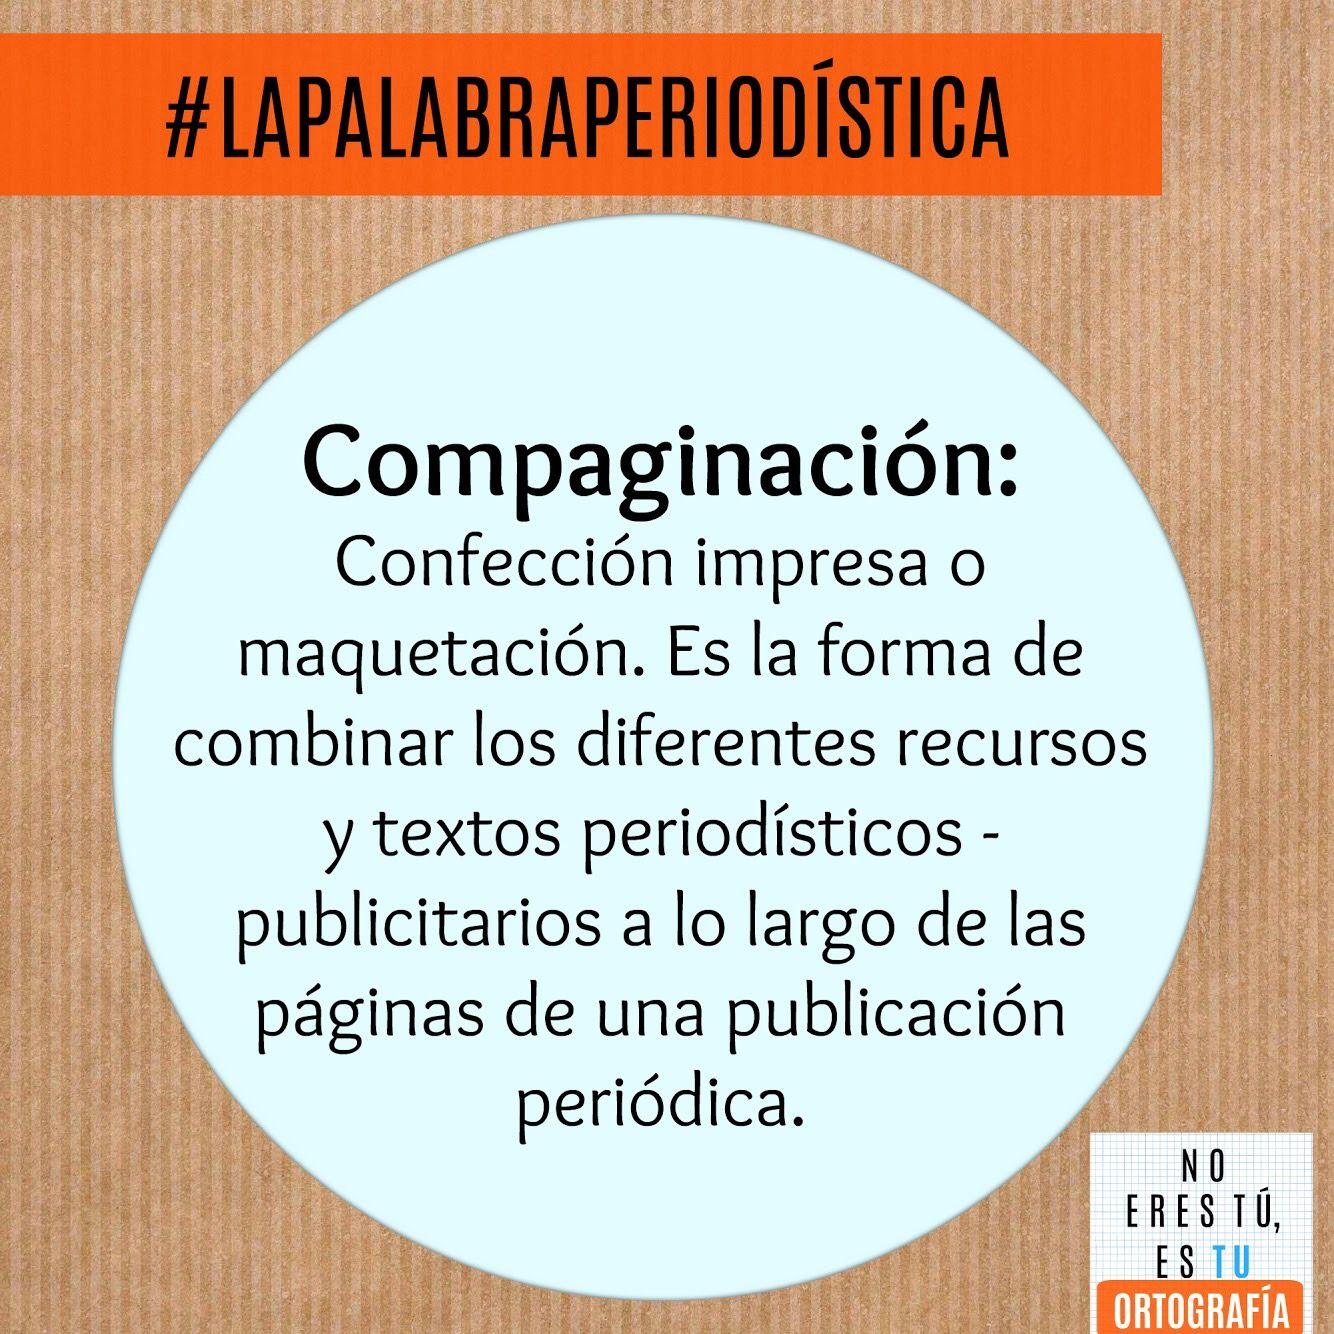 Tú y yo solo podemos compaginar hojas. #LaPalabraPeriodística ...